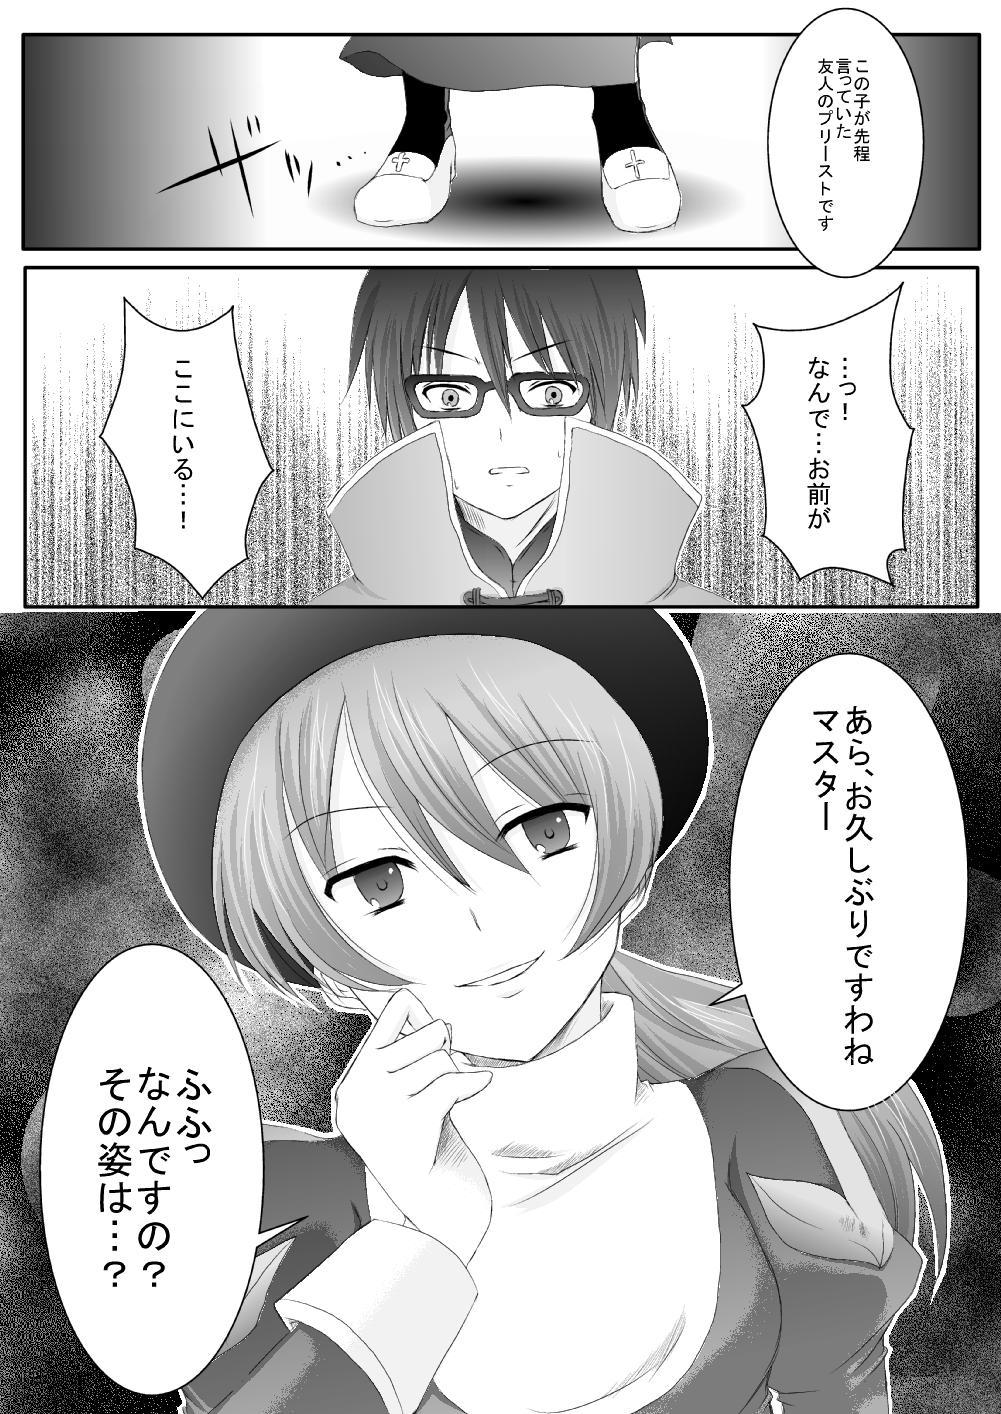 ラ○ナロク素プリ寝取られ本総集編 88